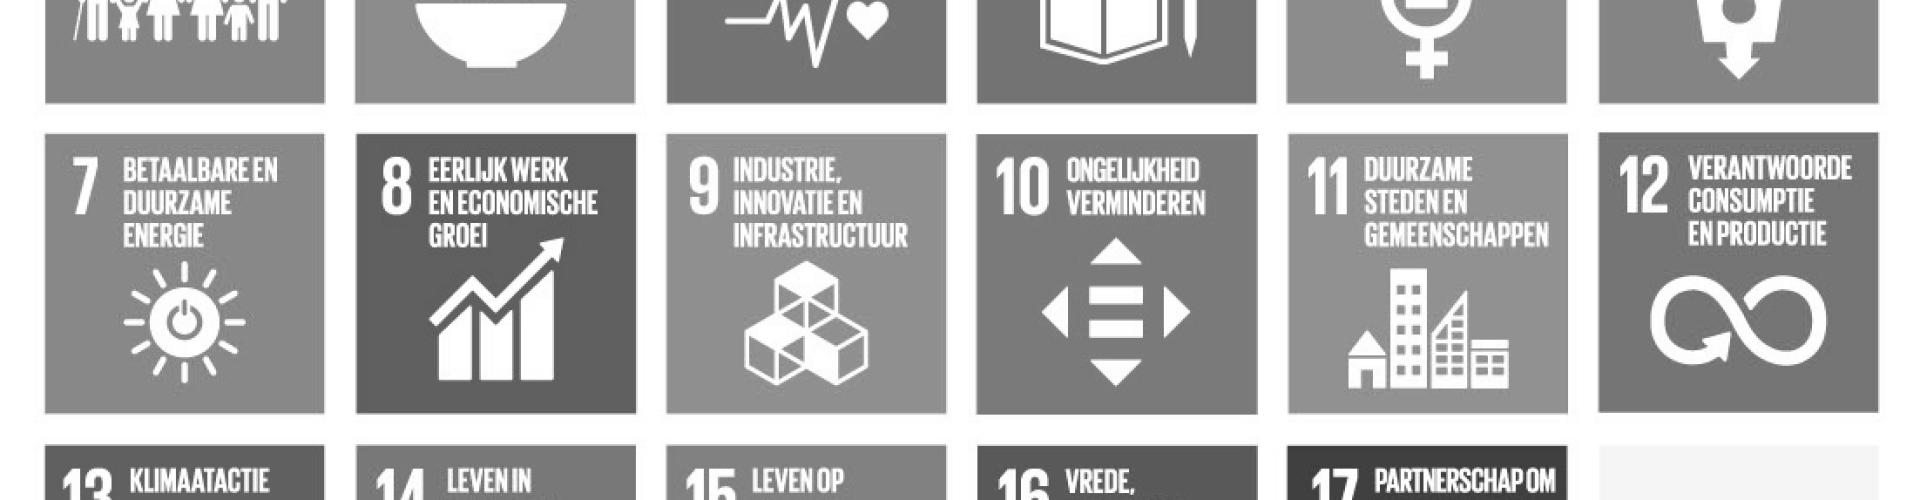 Sustainable Development Goals / Duurzame Ontwikkelings Doelstellingen